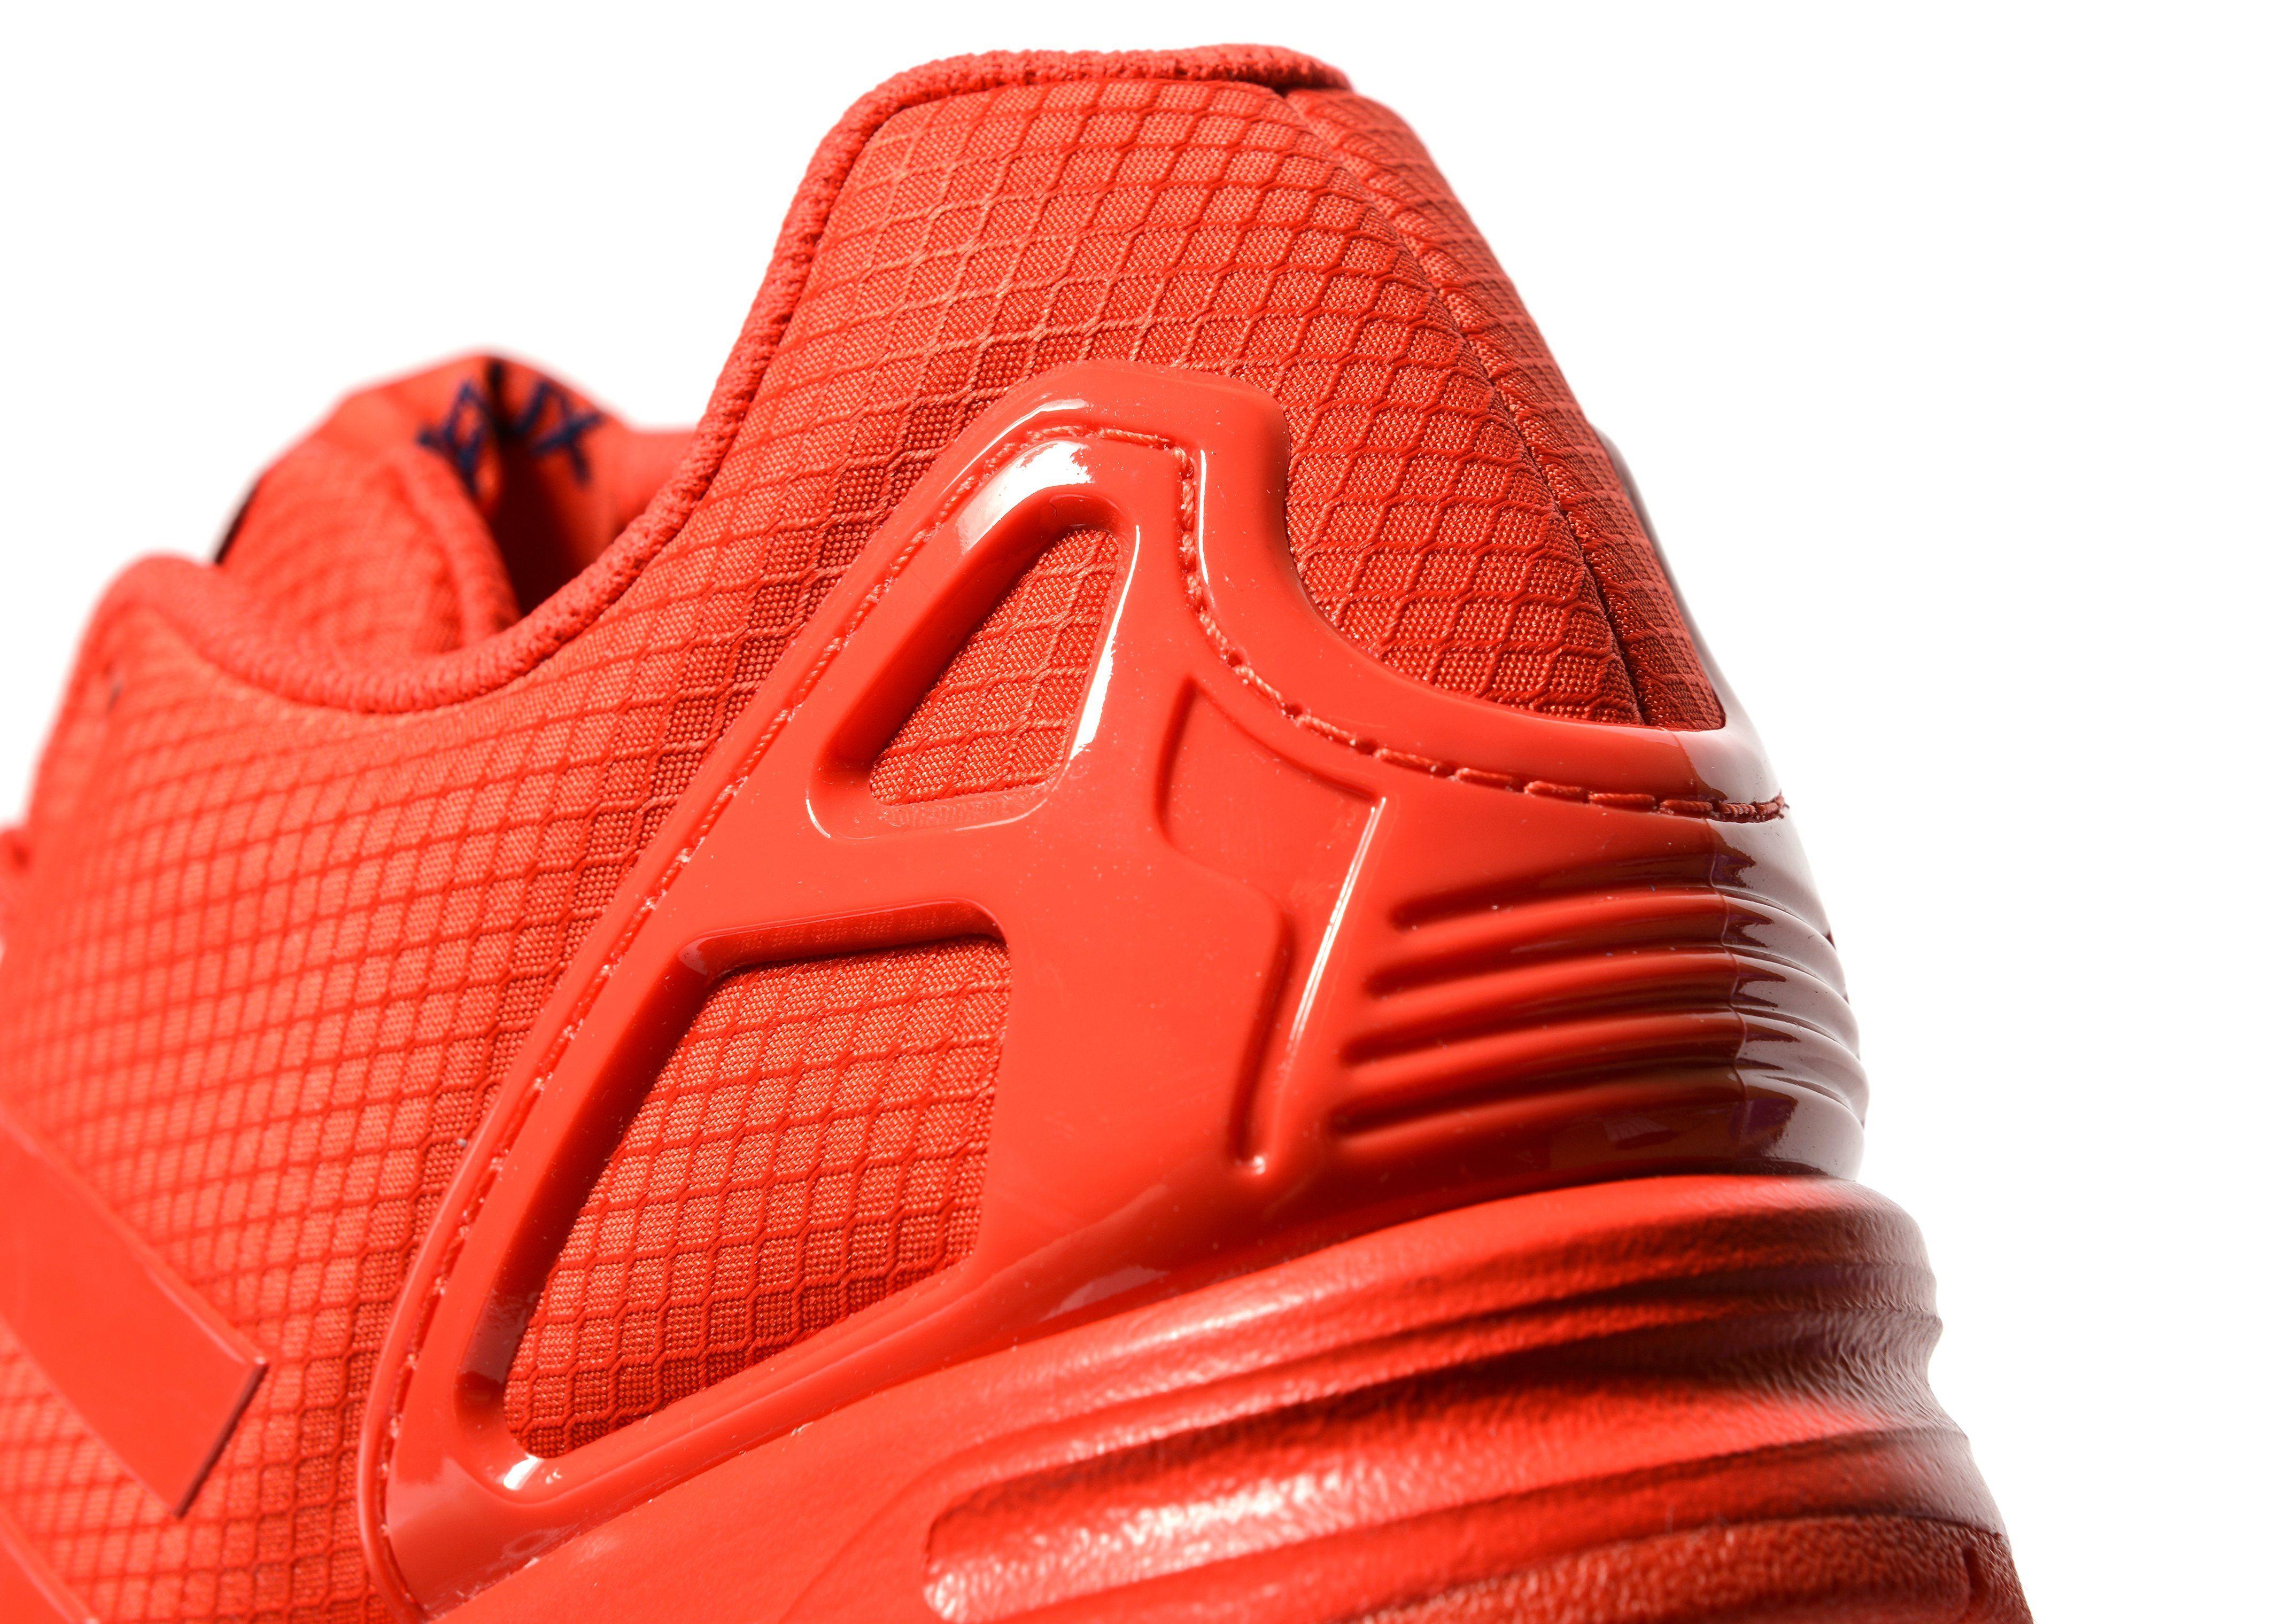 Adidas zx flusso rosso e nero, jack natale